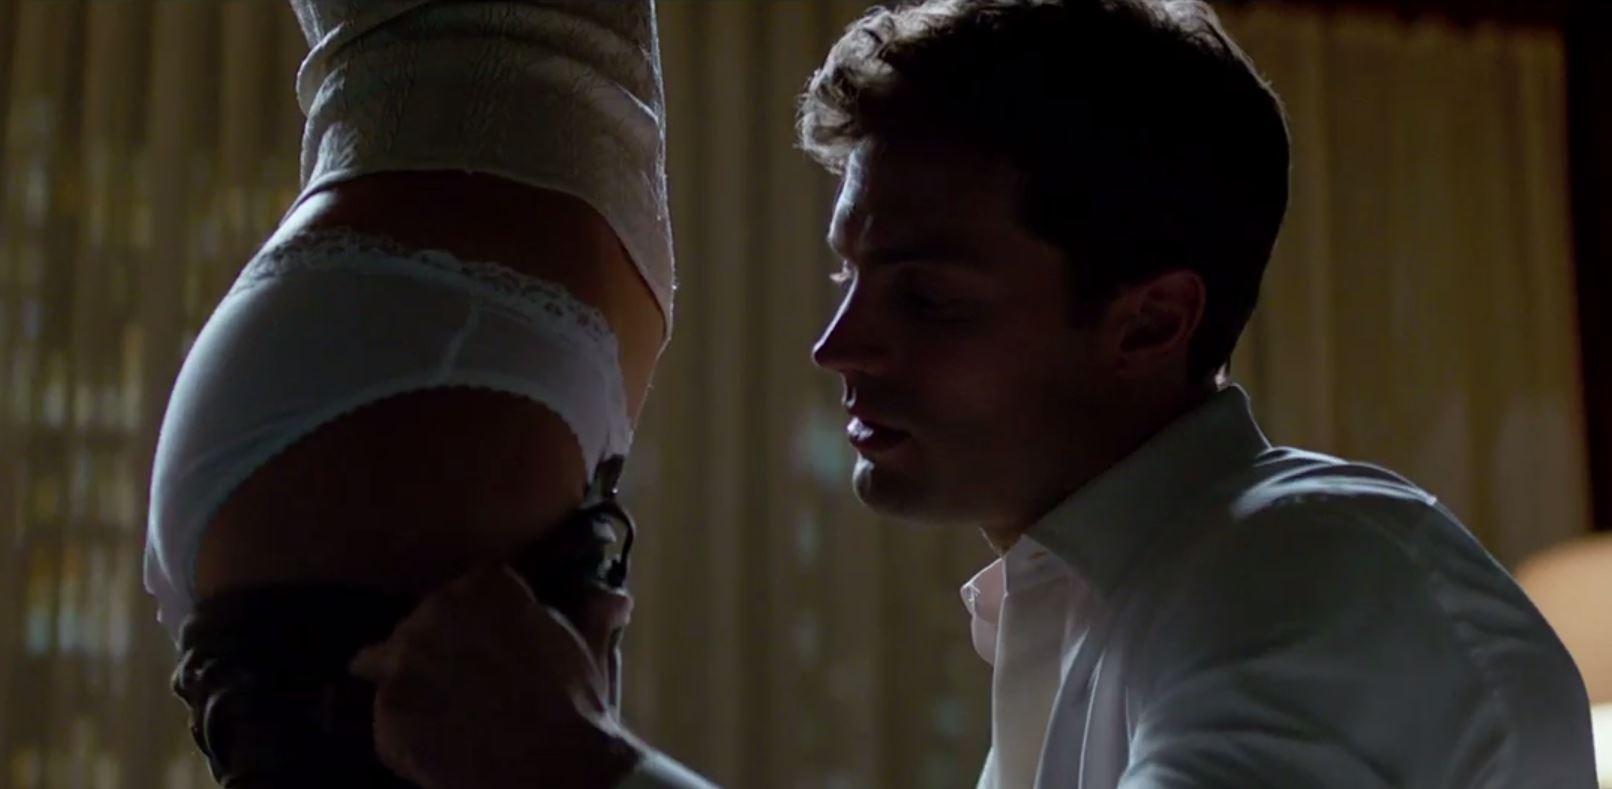 Сексуалние и пози олан филми